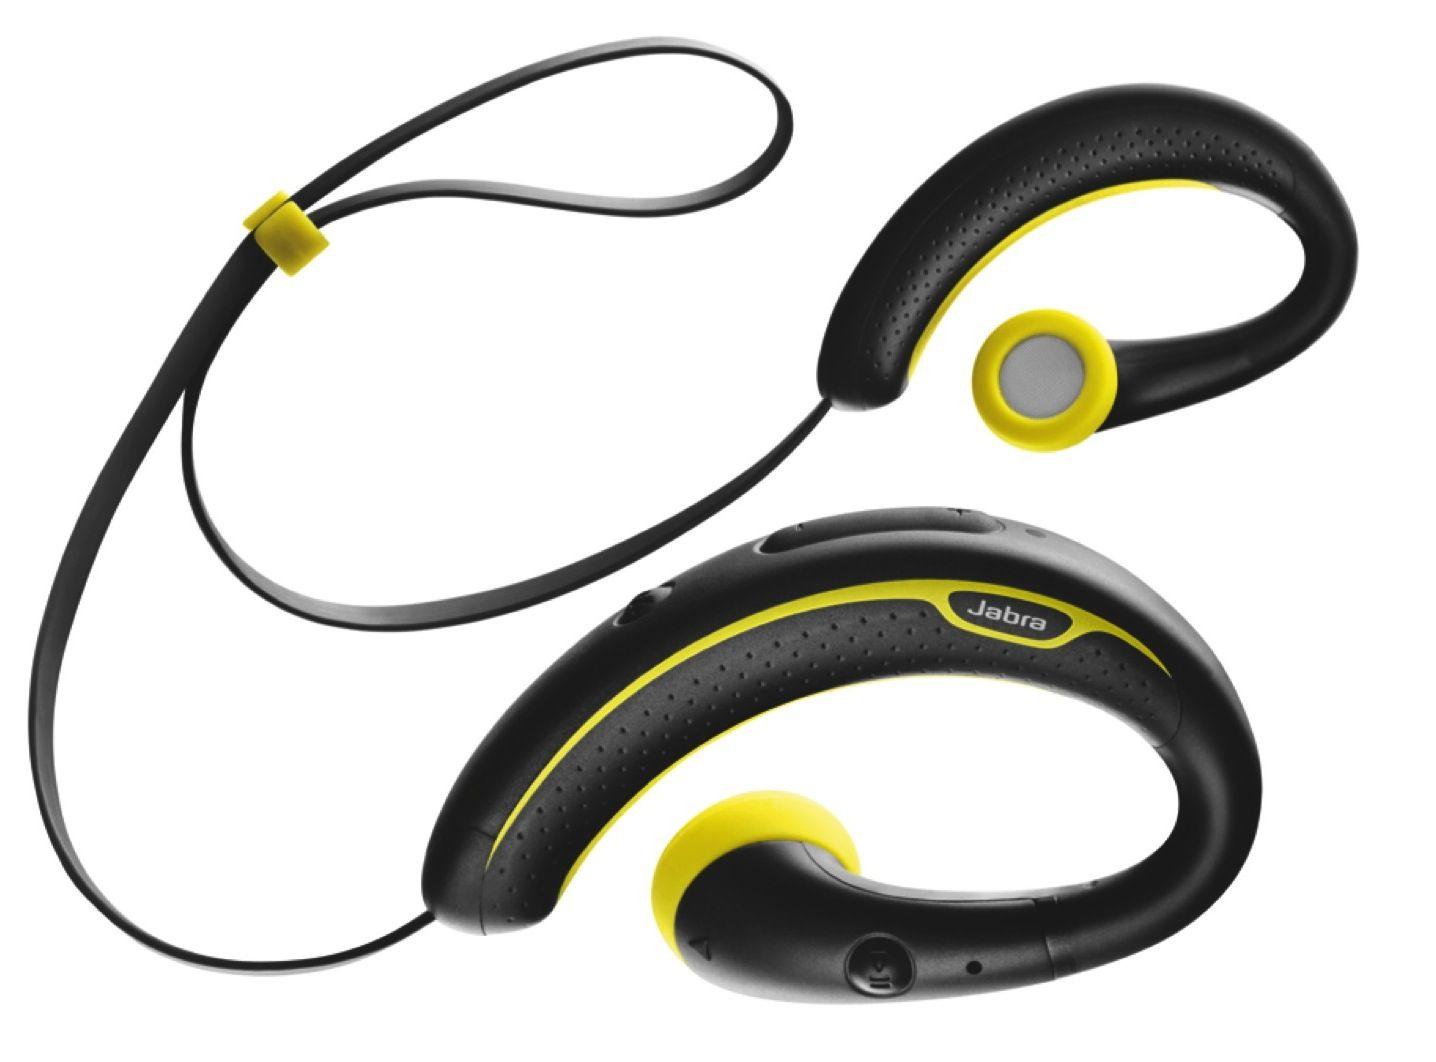 słuchawki dla biegacza, słuchawki do biegania